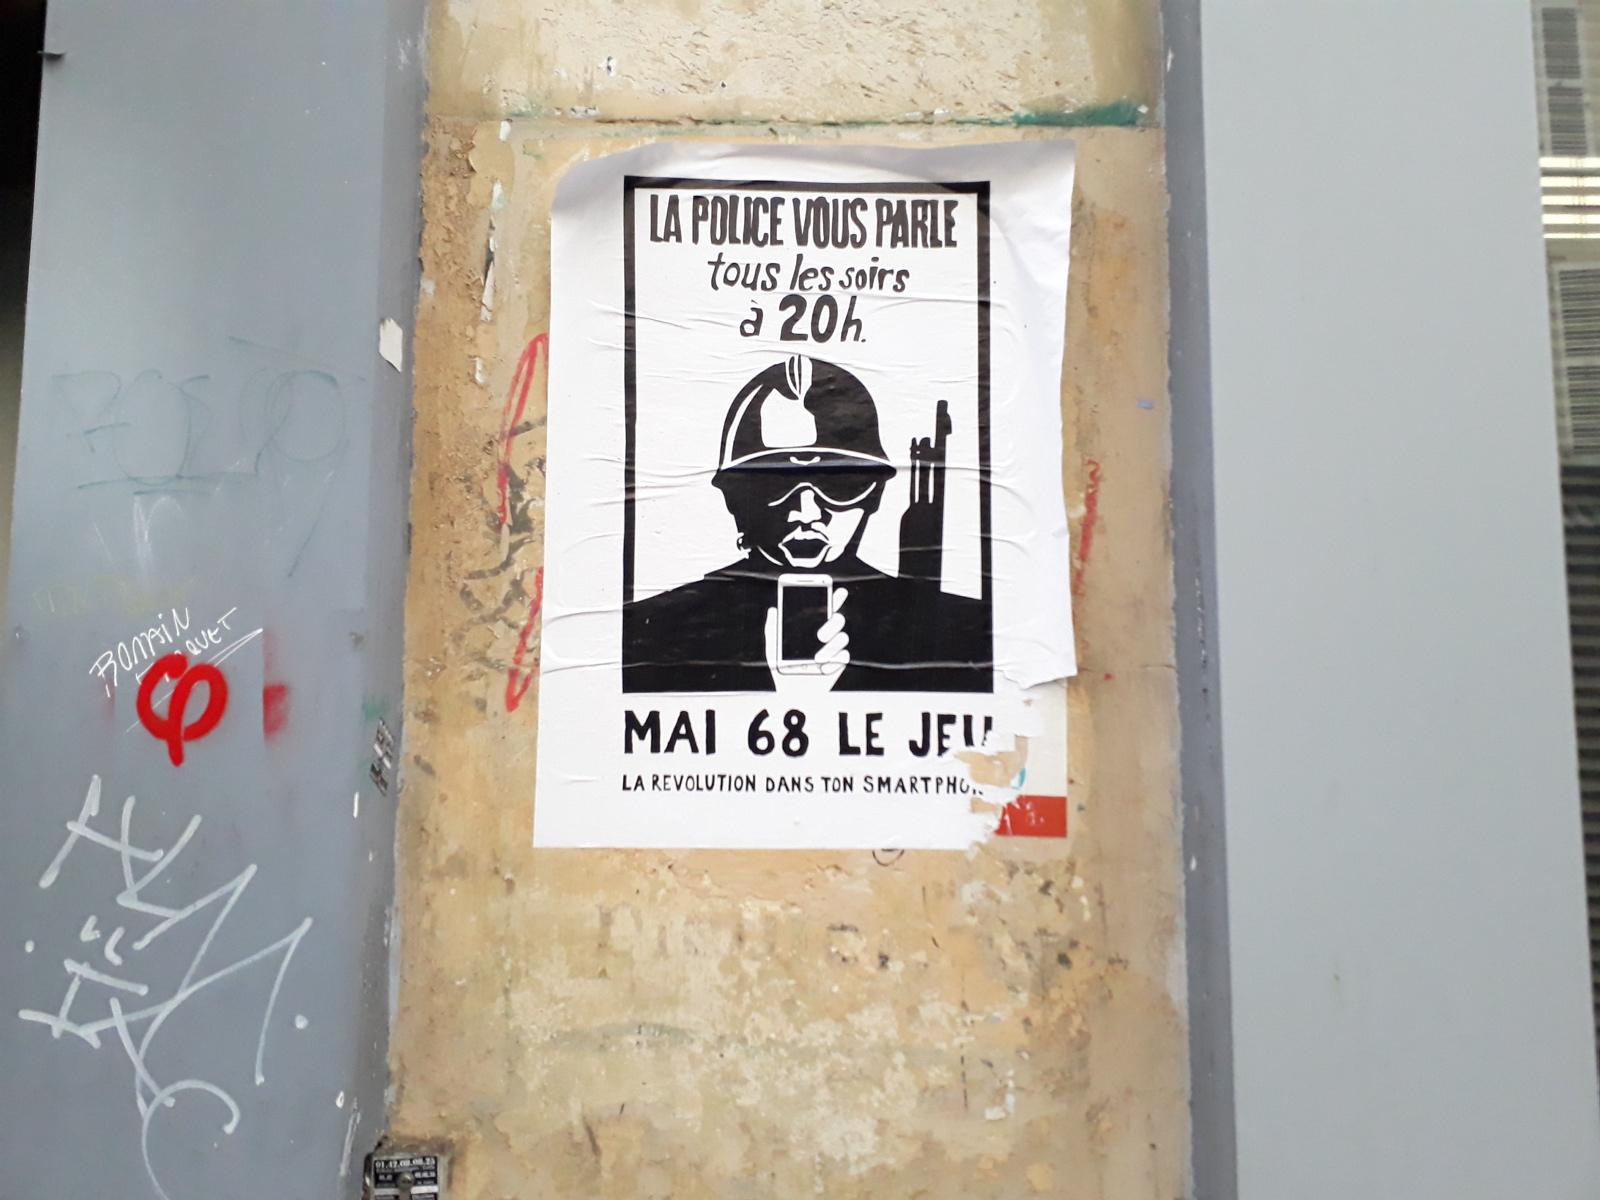 Affiche du style mai 68